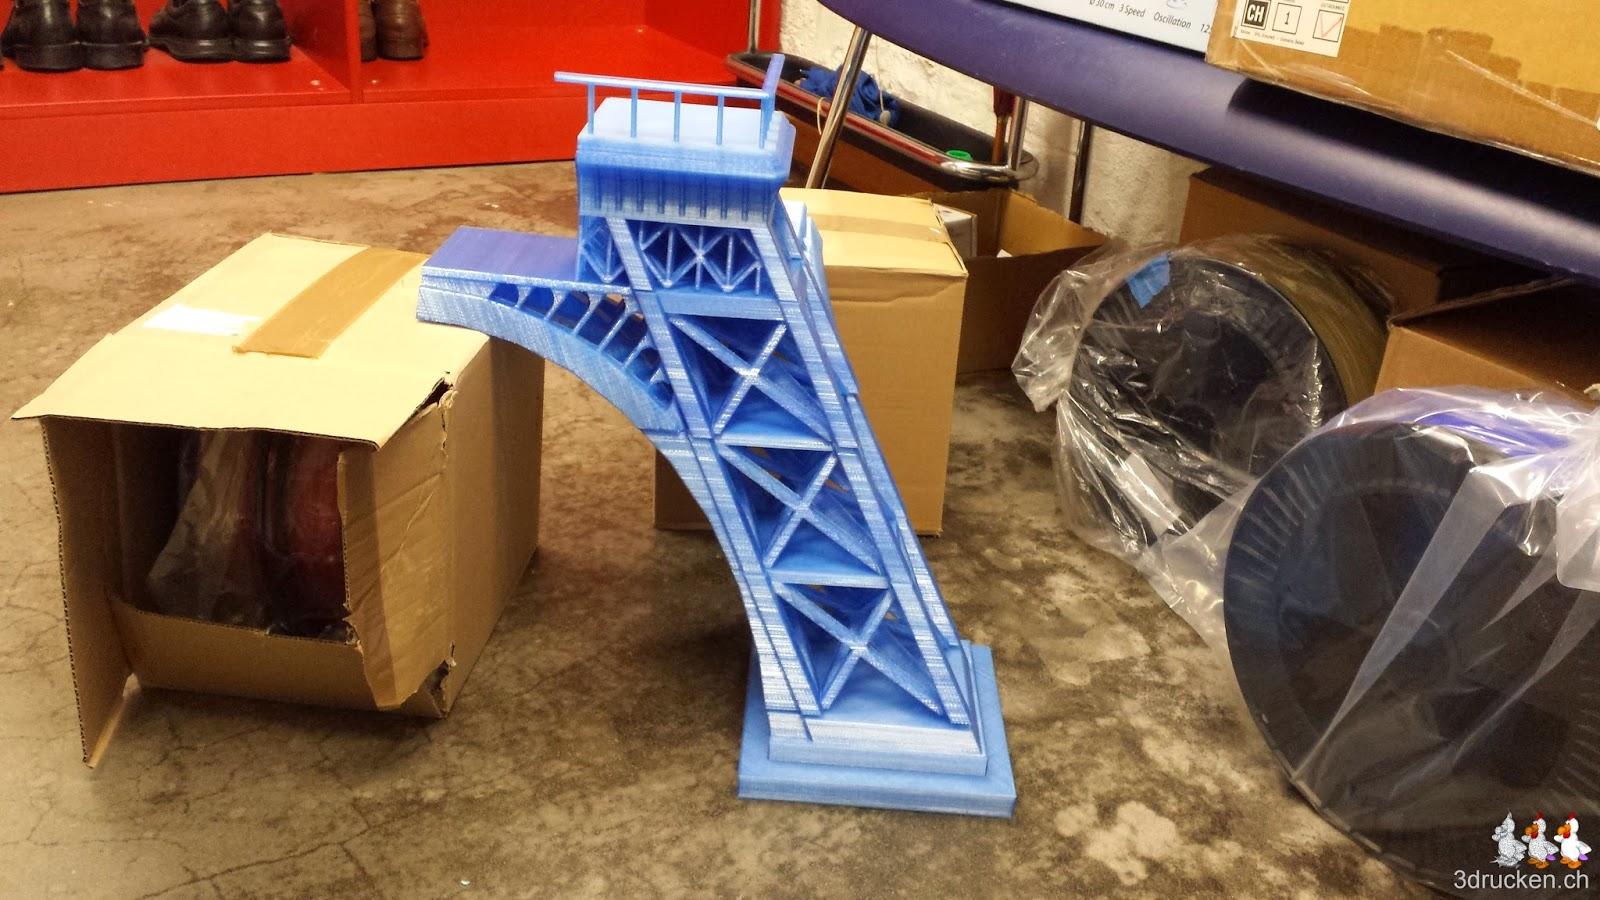 Foto eines provisorisch mit Kartons abgestützten Beins des Eiffelturms